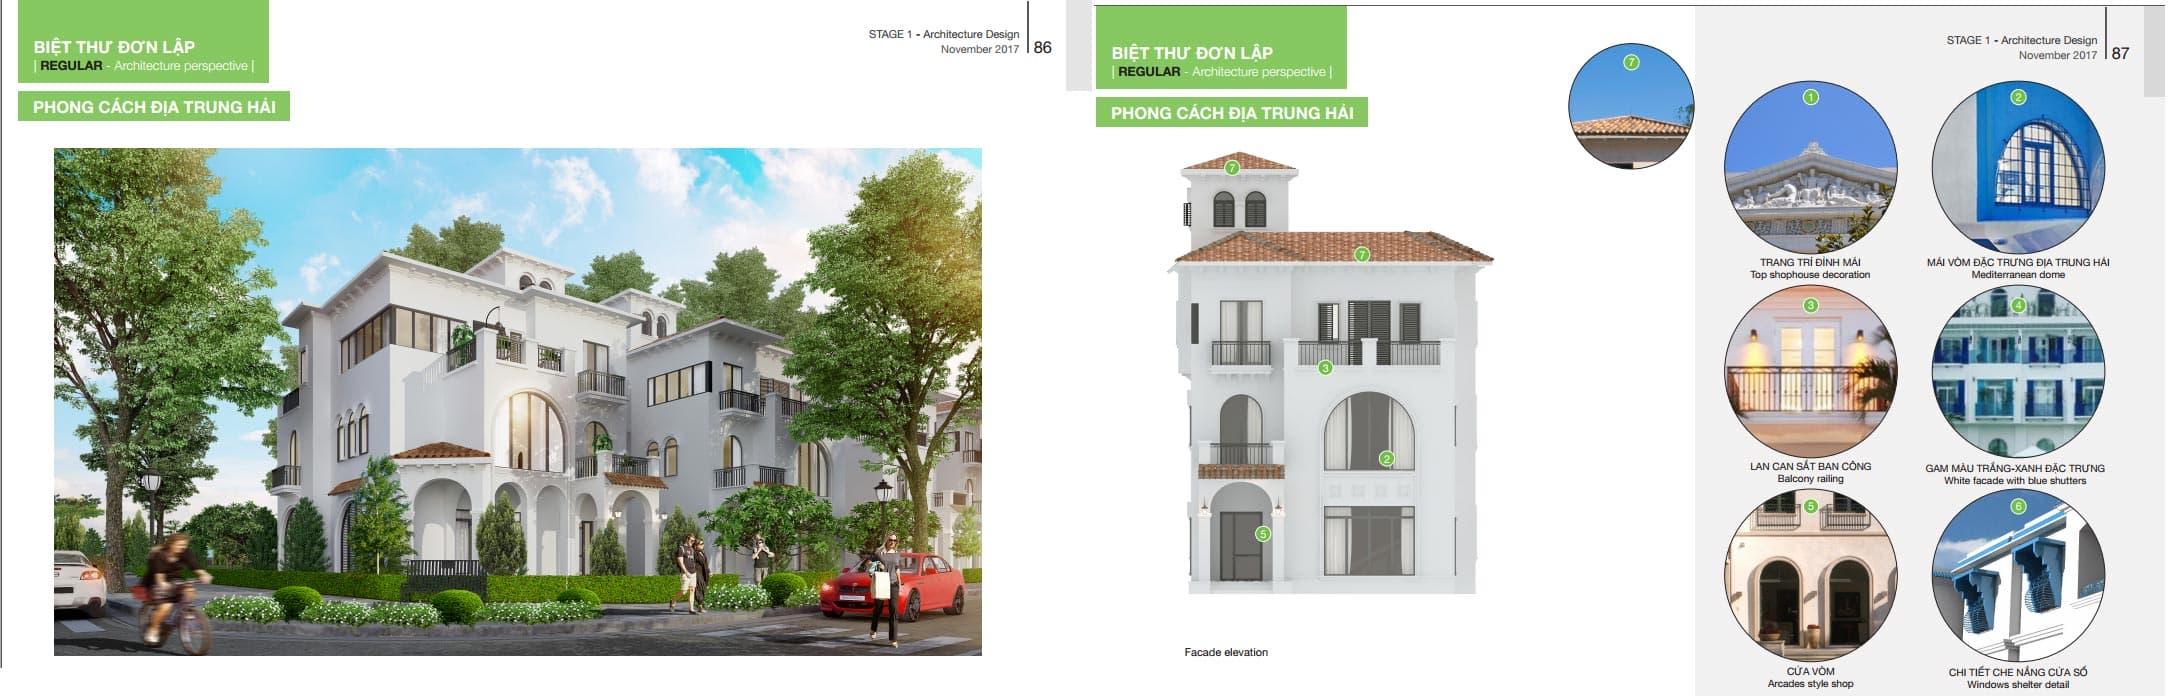 26 căn biệt thự đơn lập diện tích từ 250m2 -320m2